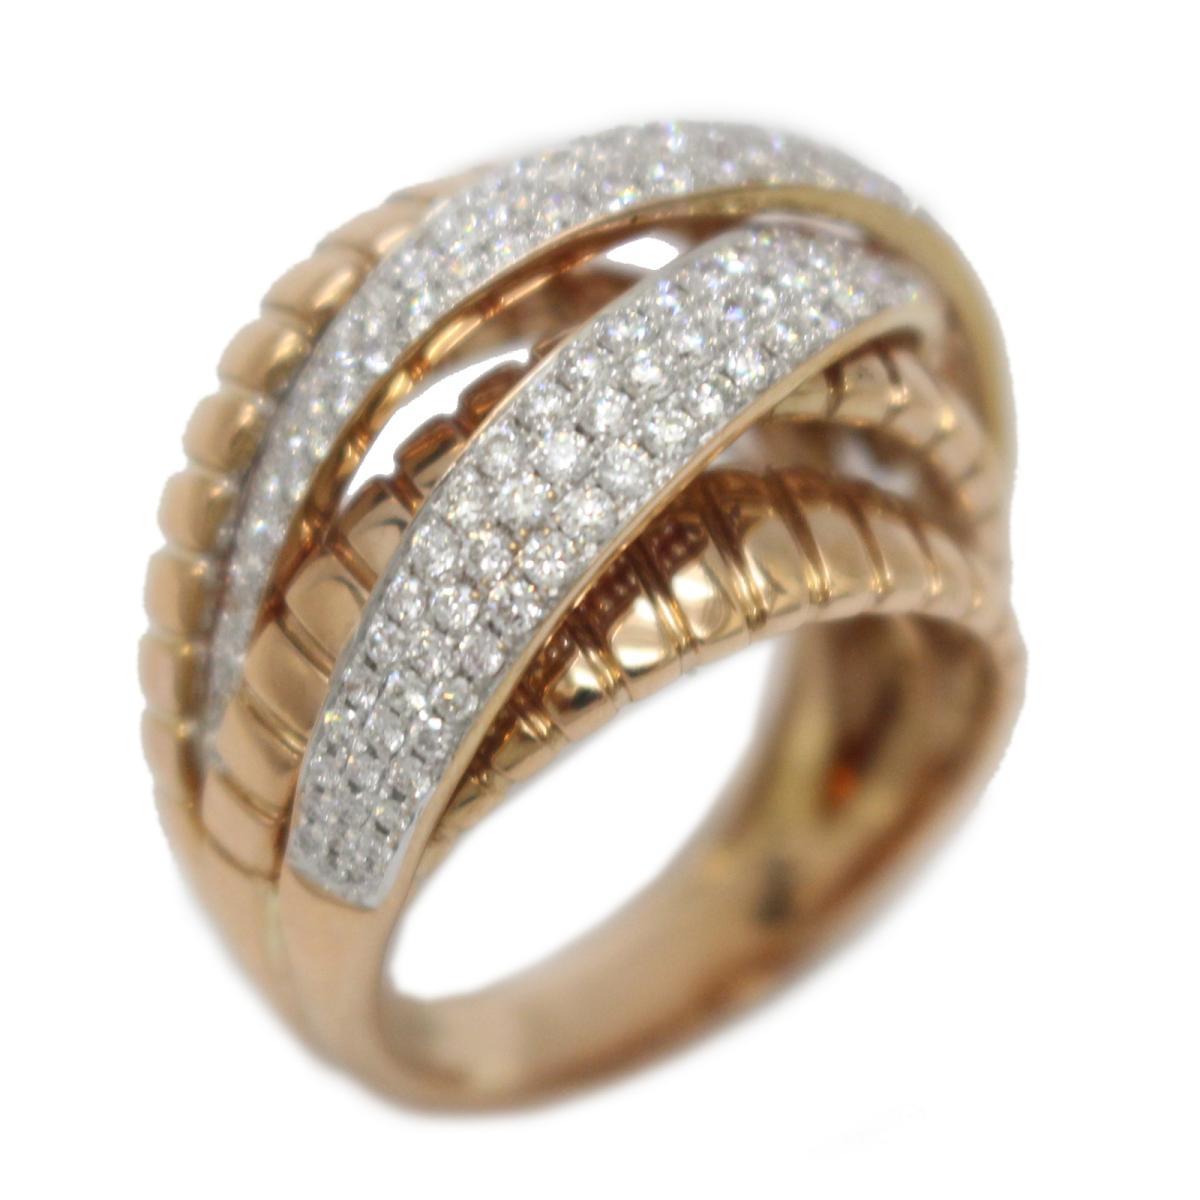 【中古】 ジュエリー ダイヤモンド リング 指輪 レディース K18PG (750) ピンクゴールド x (1.33ct) | JEWELRY BRANDOFF ブランドオフ アクセサリー